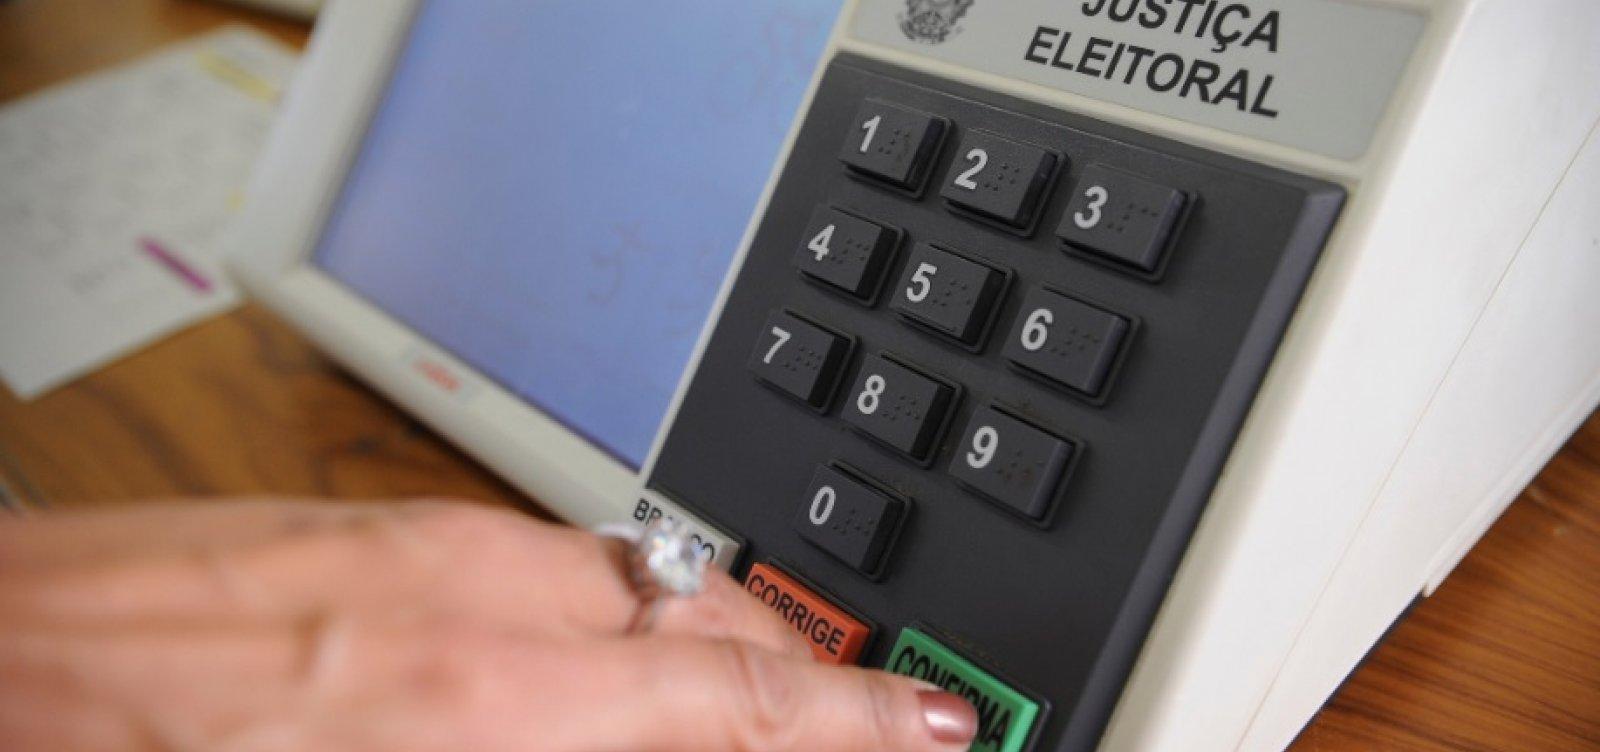 [Confira agenda dos candidatos ao governo da Bahia neste domingo ]